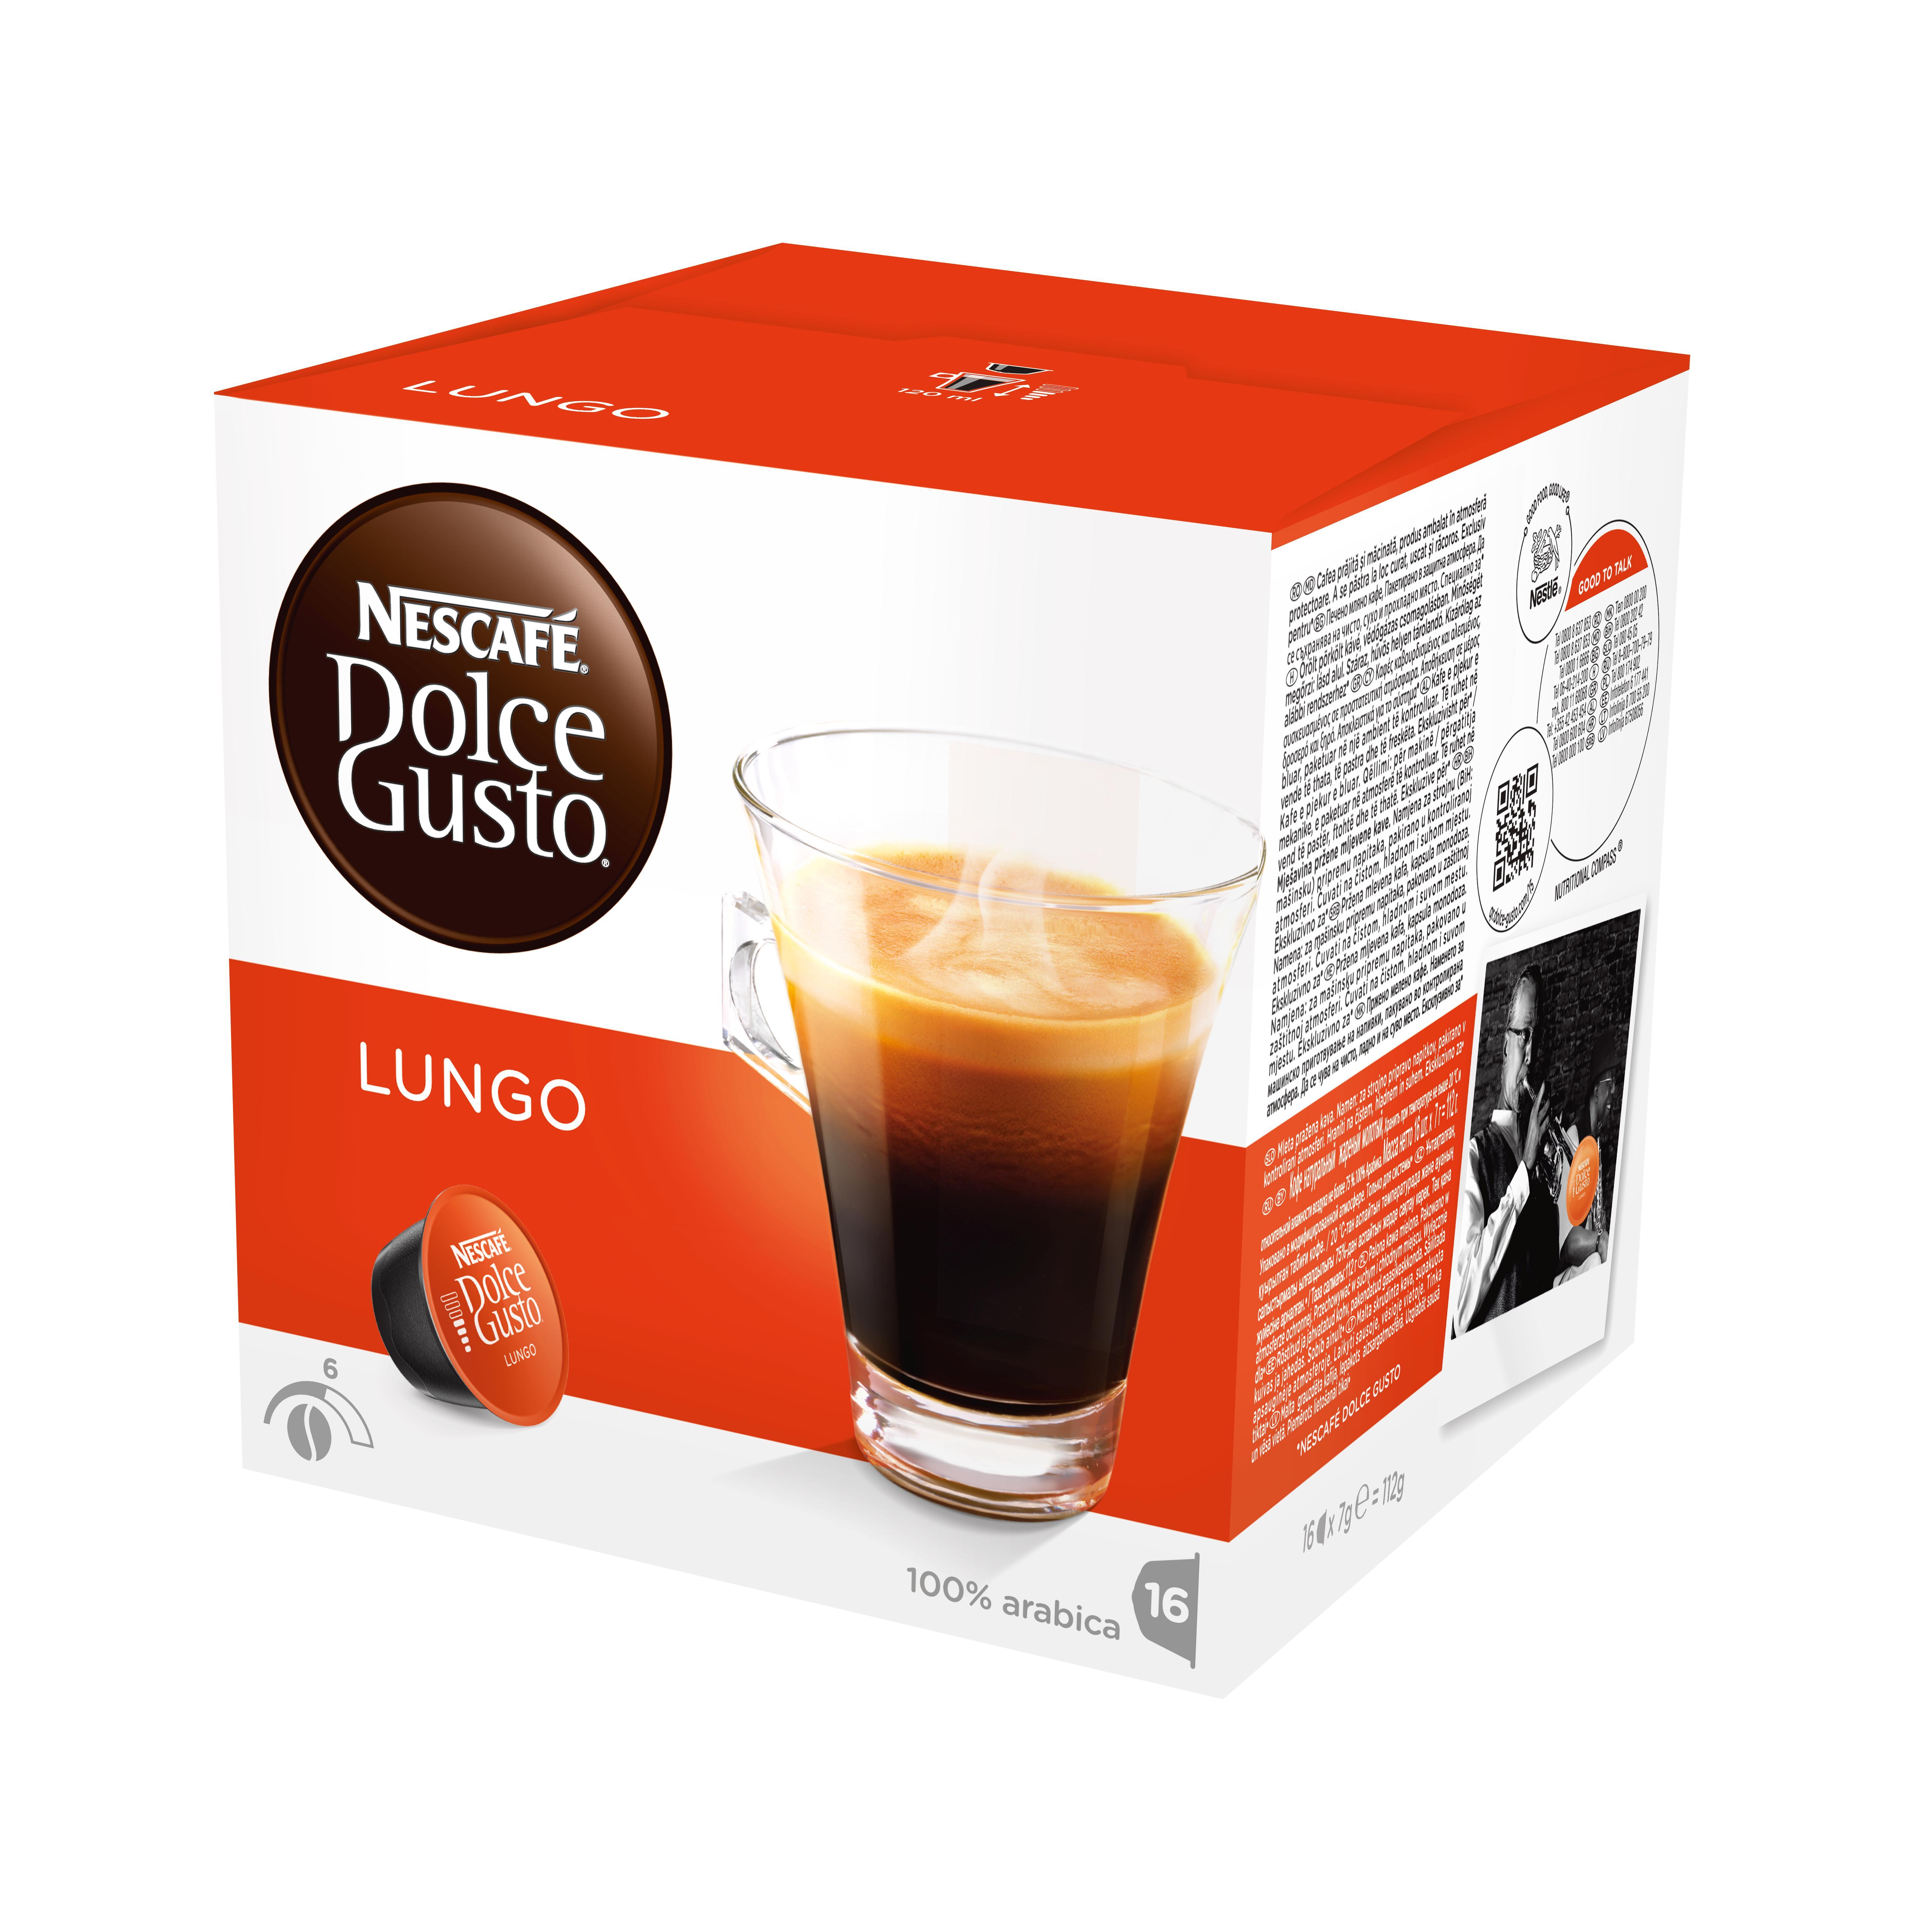 Кофе в капсулах Dolce Gusto Lungo (Лунго), 16 кап.Кофе, какао<br>Кофе в капсулах NESCAFE Dolce Gusto Lungo &amp;#40;Нескафе Дольче Густо Лунго&amp;#41;. Уникальные капсулы для домашнего приготовления кофе в новой революционной системе NESCAFE Dolce Gusto. Каждая капсула рассчитана на одну чашку напитка.<br><br>Лунго (дословно продленный эспрессо) - это средняя чашка крепкого кофе с богатым насыщенным вкусом и ароматом.<br>СОСТАВ: кофе натуральный жареный молотый<br><br>Тип: кофе в капсулах<br>Дополнительно: большая чашка крепкого кофе